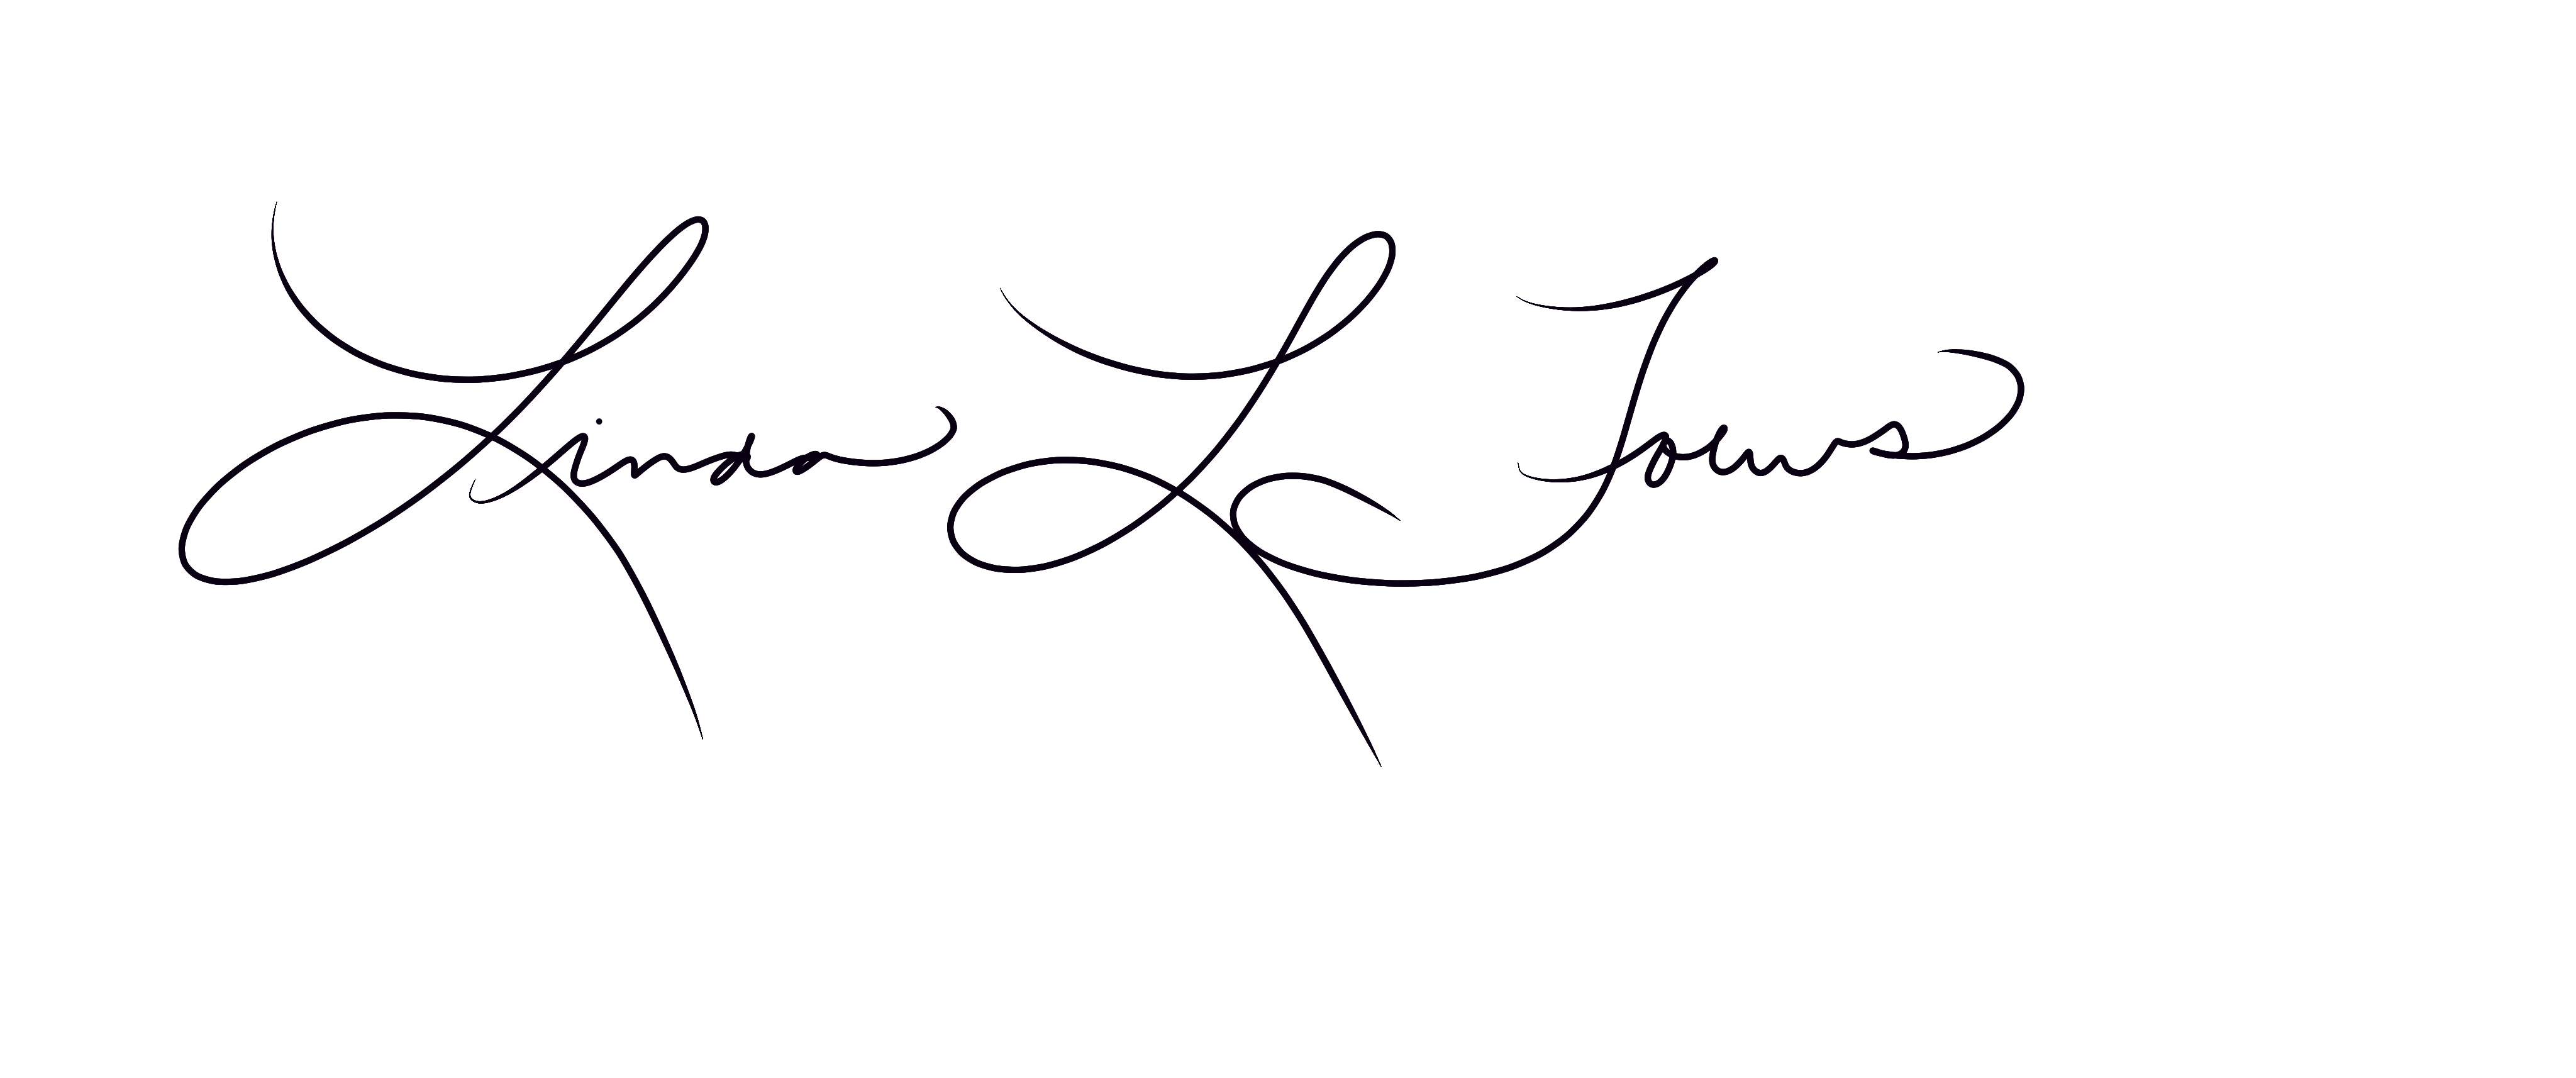 lindaL.toews's Signature